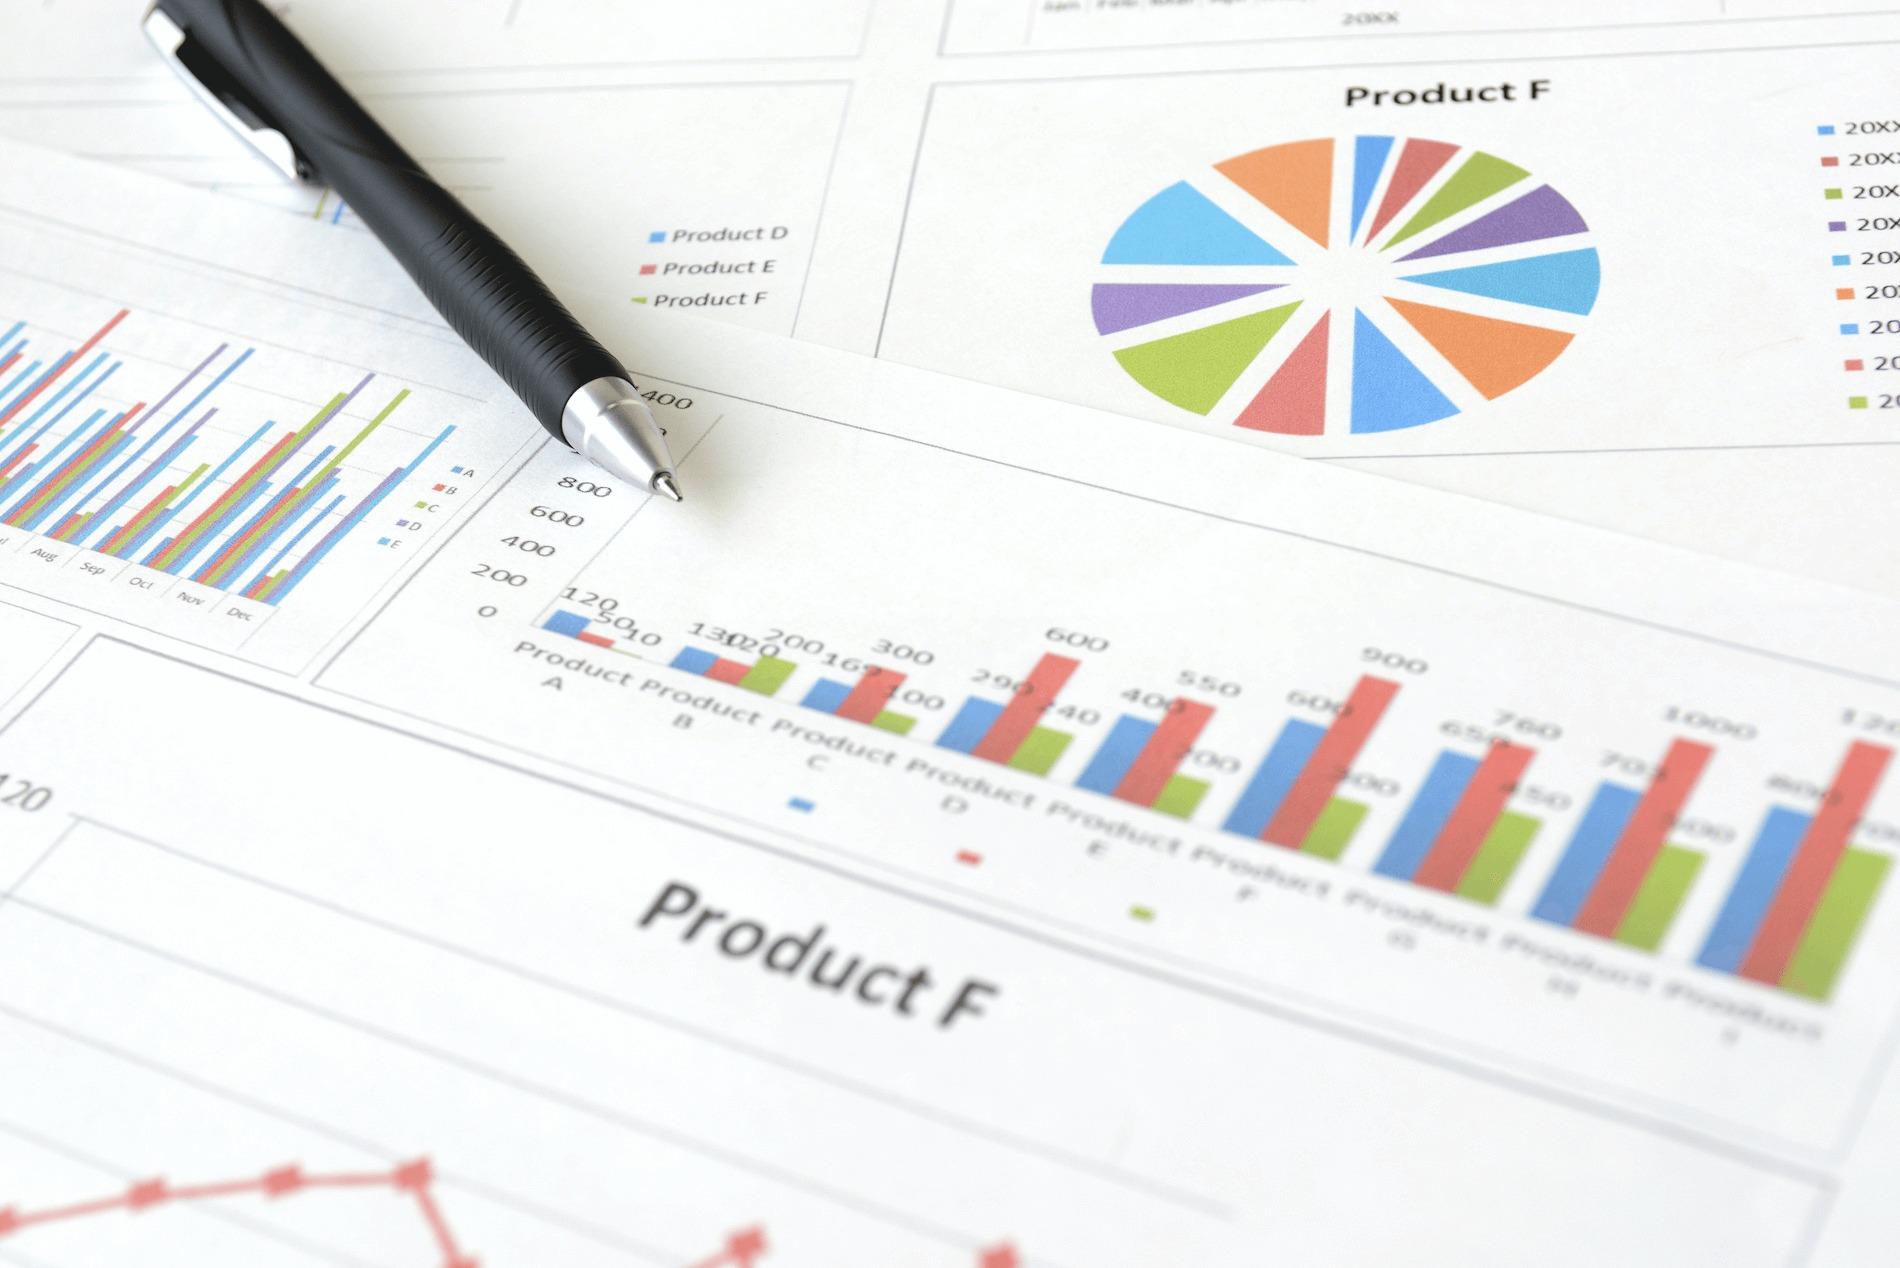 採用目標達成にはKPI設定が重要!設定方法や立て方、運用方法を解説